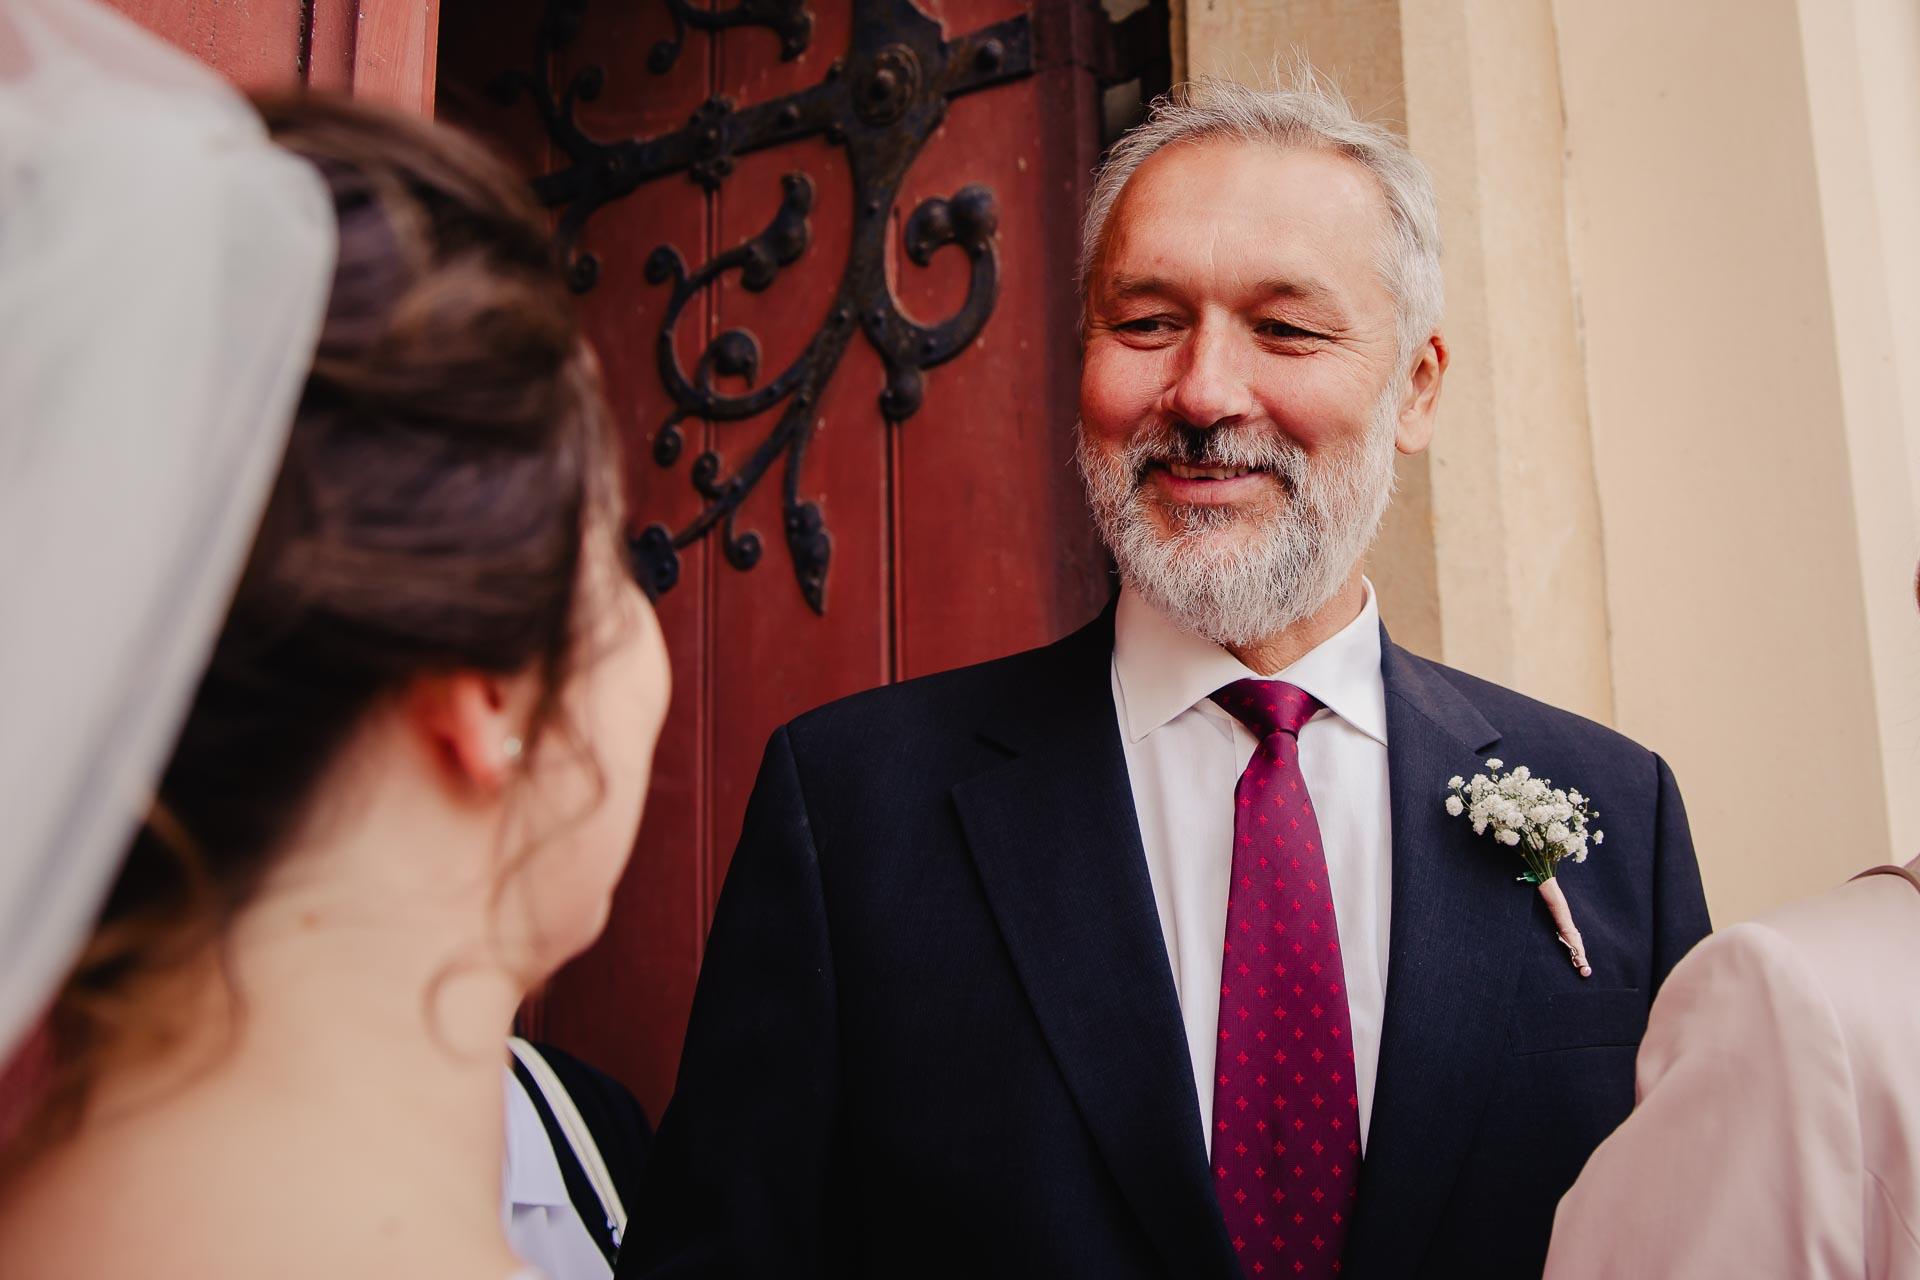 svatební fotograf Praha,svatba střední čechy, církevní obřad, svatba v kostele, nejhezčí svatební fotografie-2441